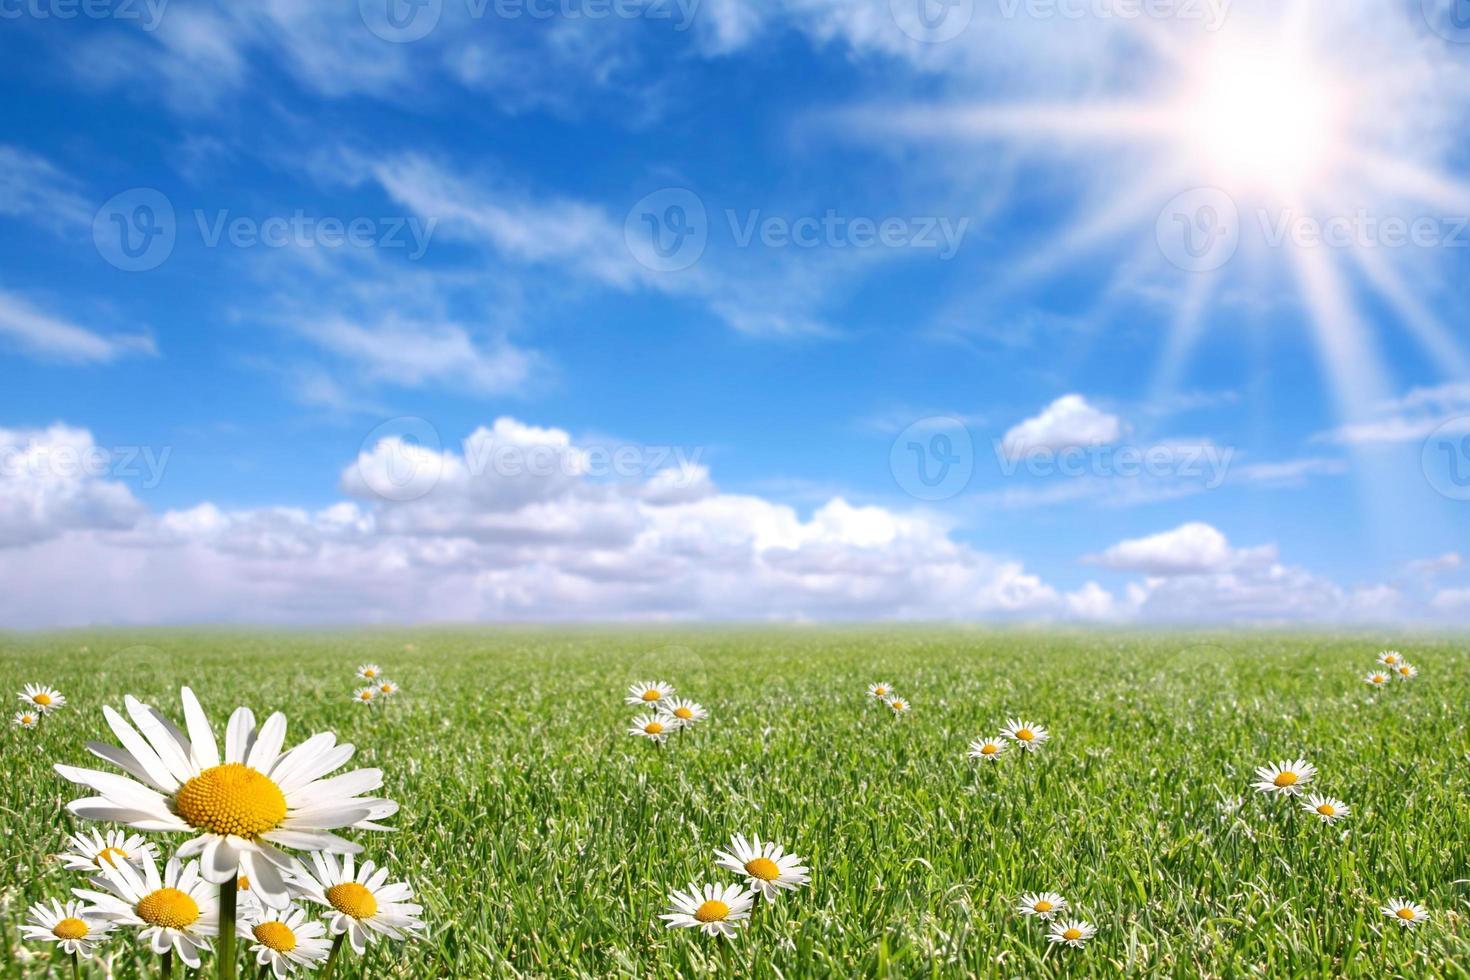 fijne heldere lentedag buiten foto